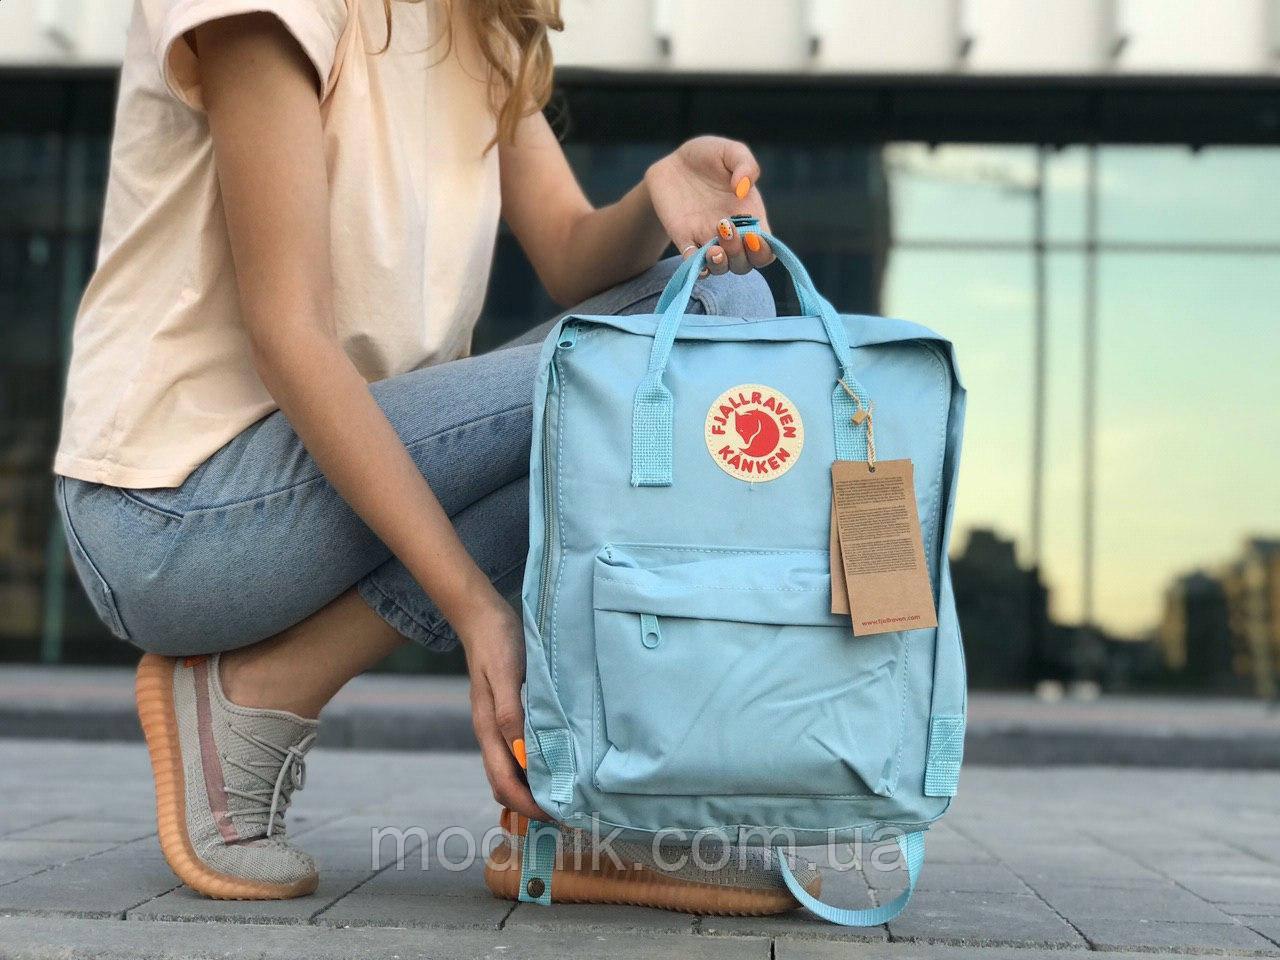 Спортивный рюкзак Kanken (голубой) - Унисекс 1299